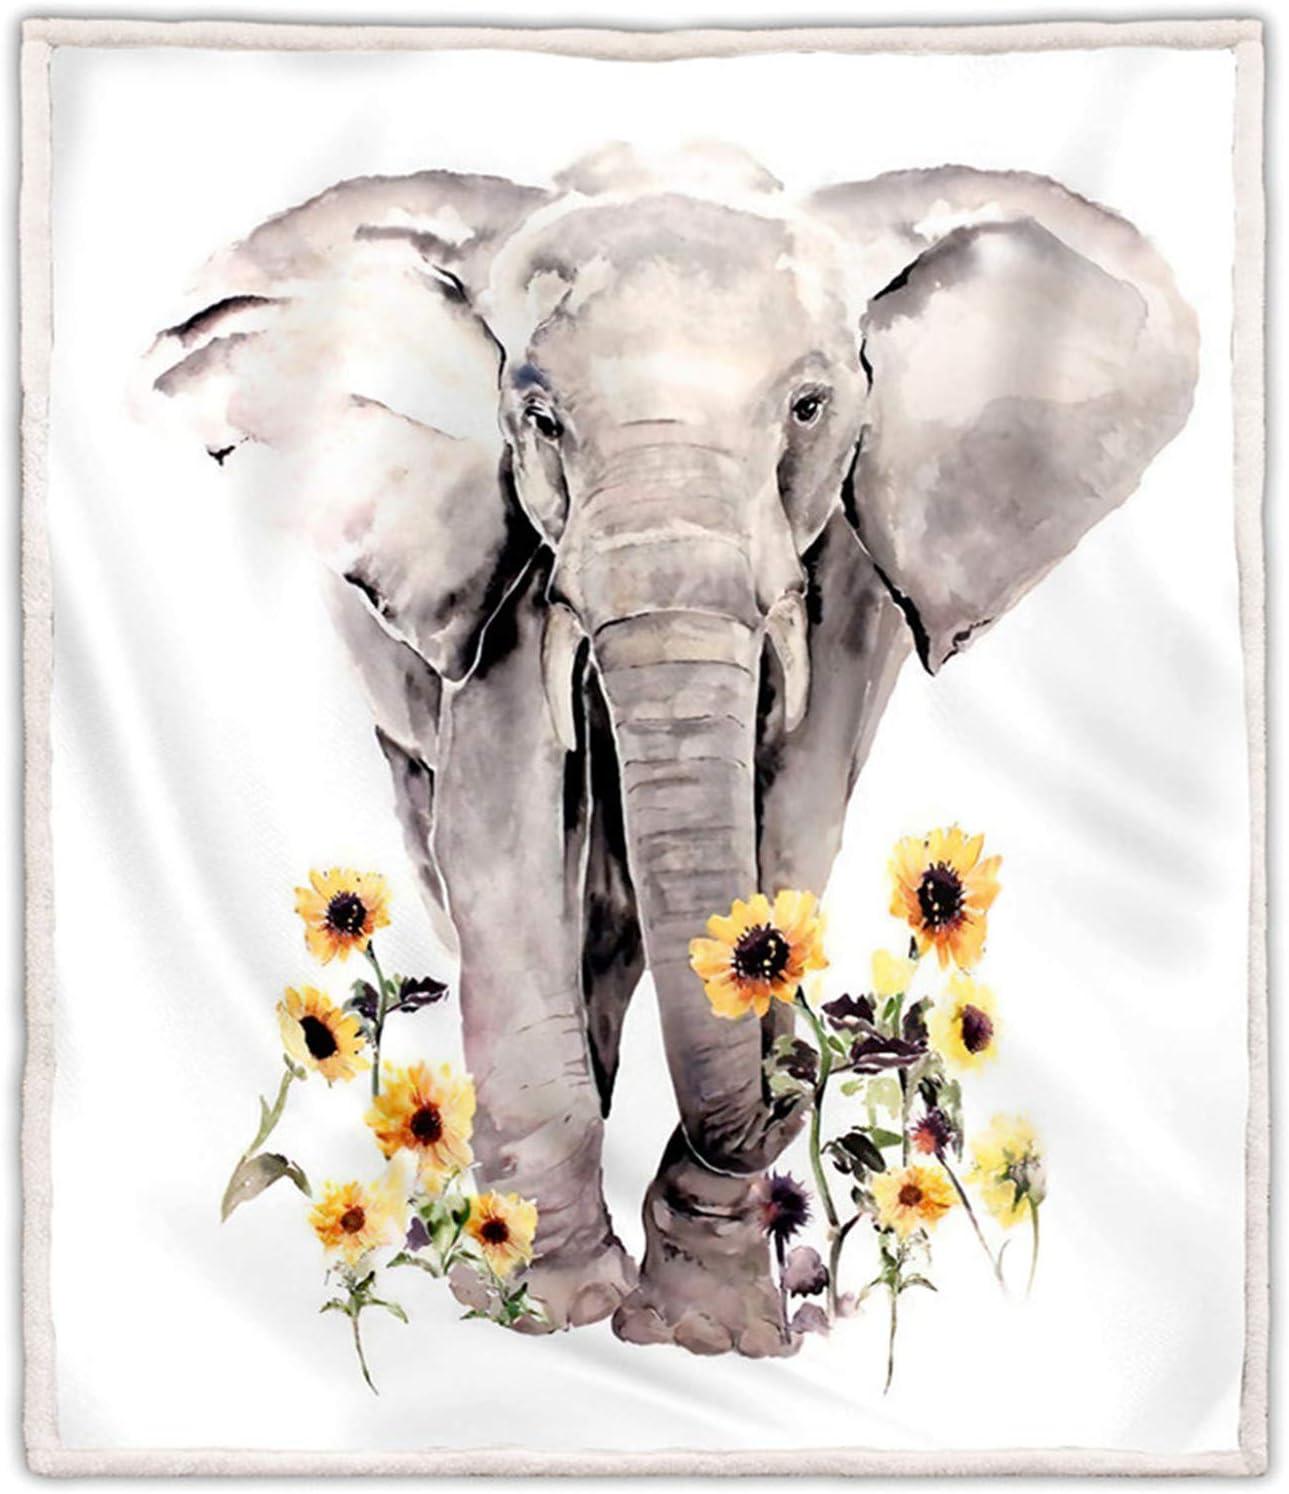 """LOVINSUNSHINE Sunflower Elephant Blanket Sherpa Throw Sunflower Elephant Blanket Plush for Women Sunflower Elephant Blankets for Adults 50"""" X 60"""" - 036."""